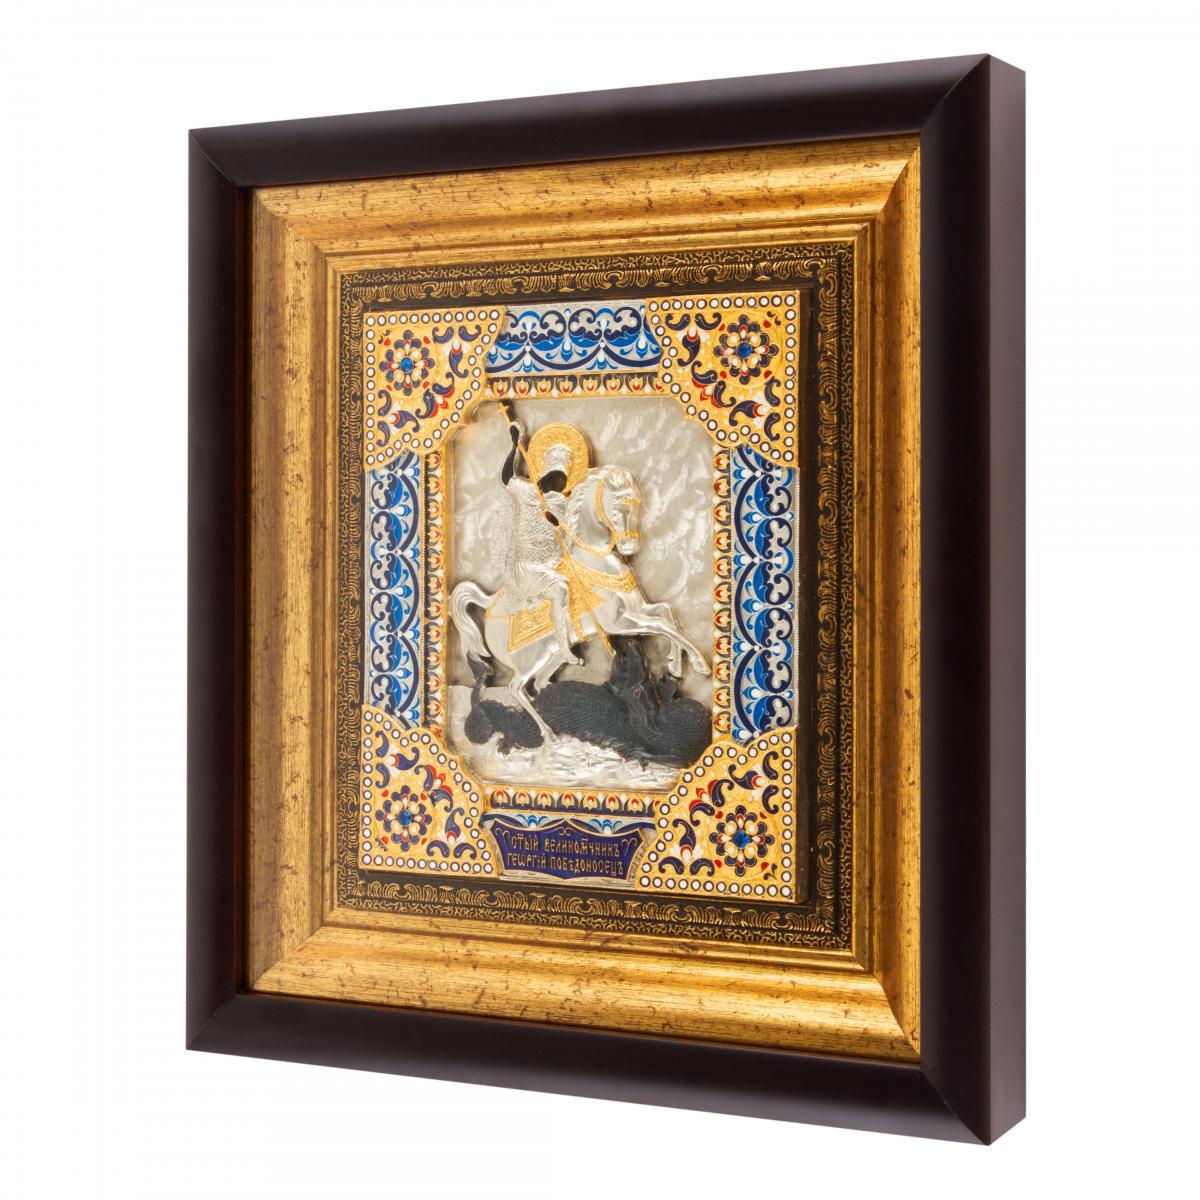 Ікона Георгія Побідоносця. Фото №2. | Народний дім Україна